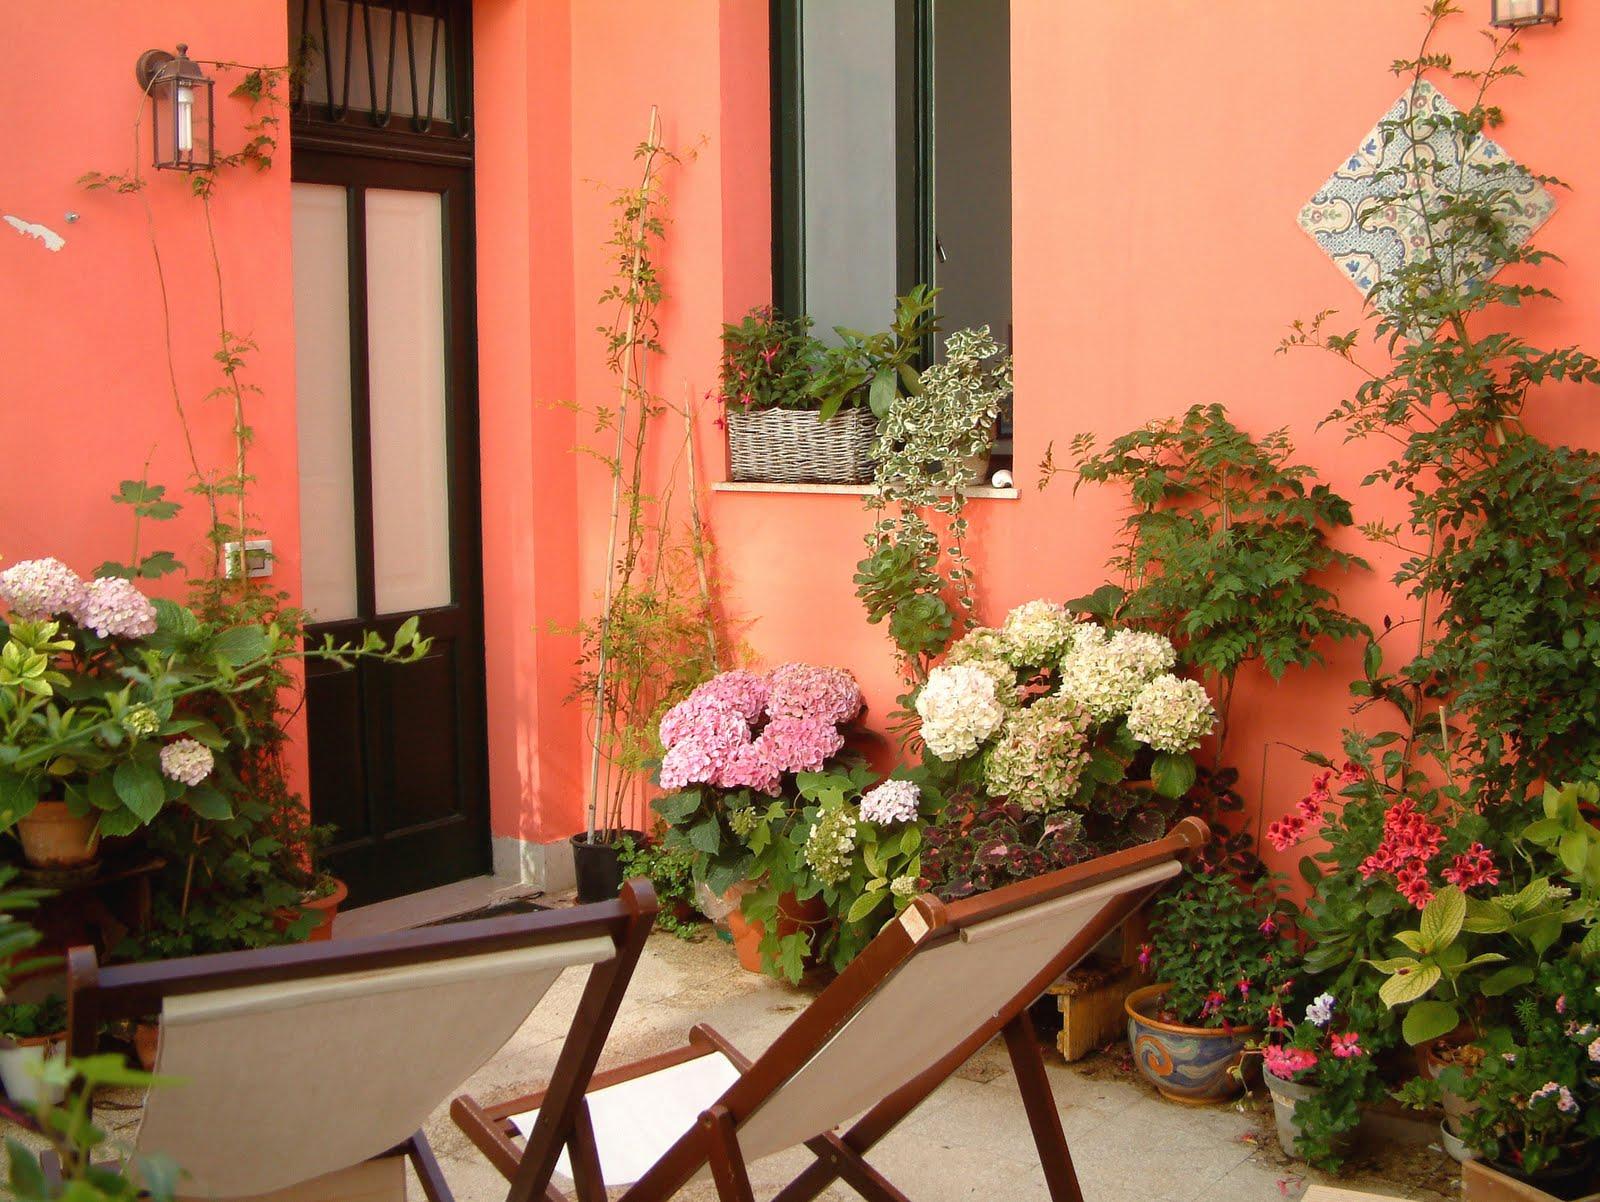 Appartamento del gelsomino gelsomino apartment trapani sicilia: il